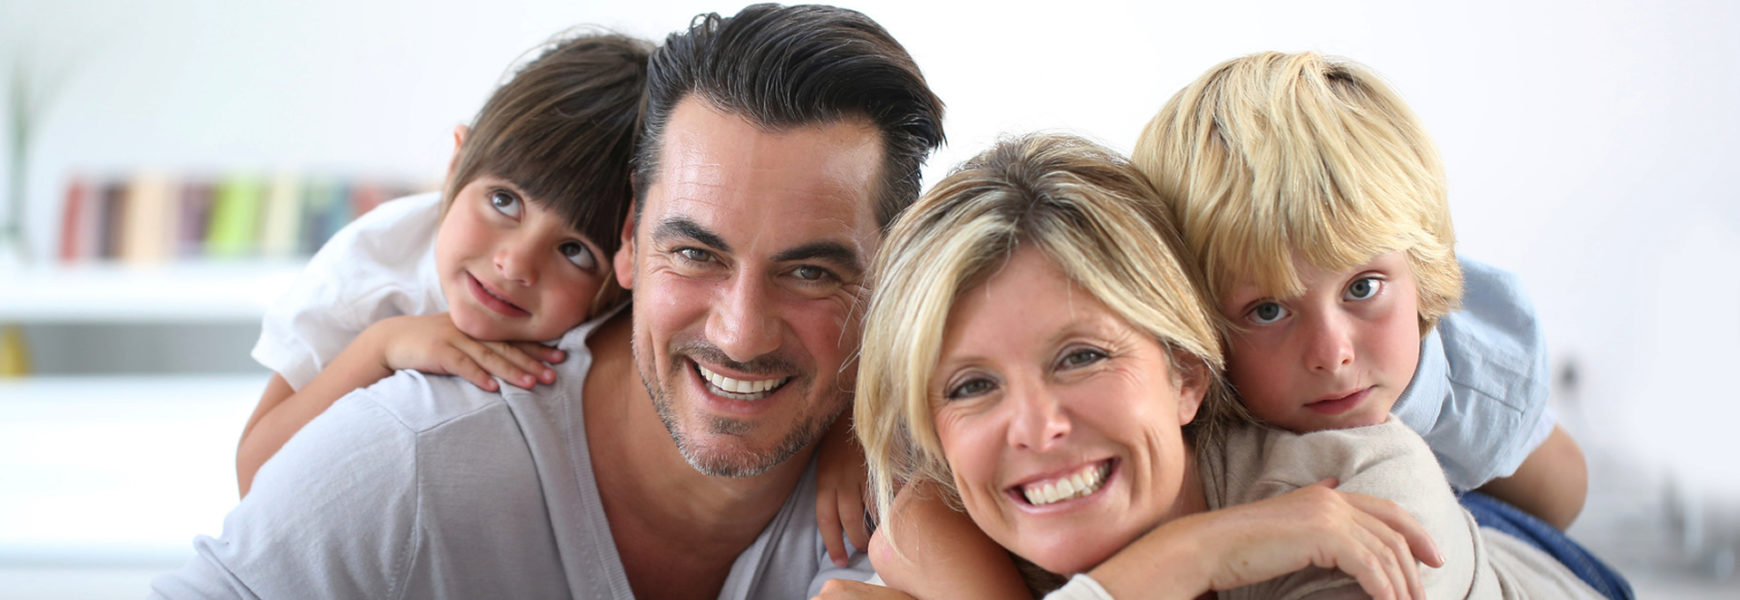 Top Produkte und Konzepte für die Sicherheit der ganzen Familie